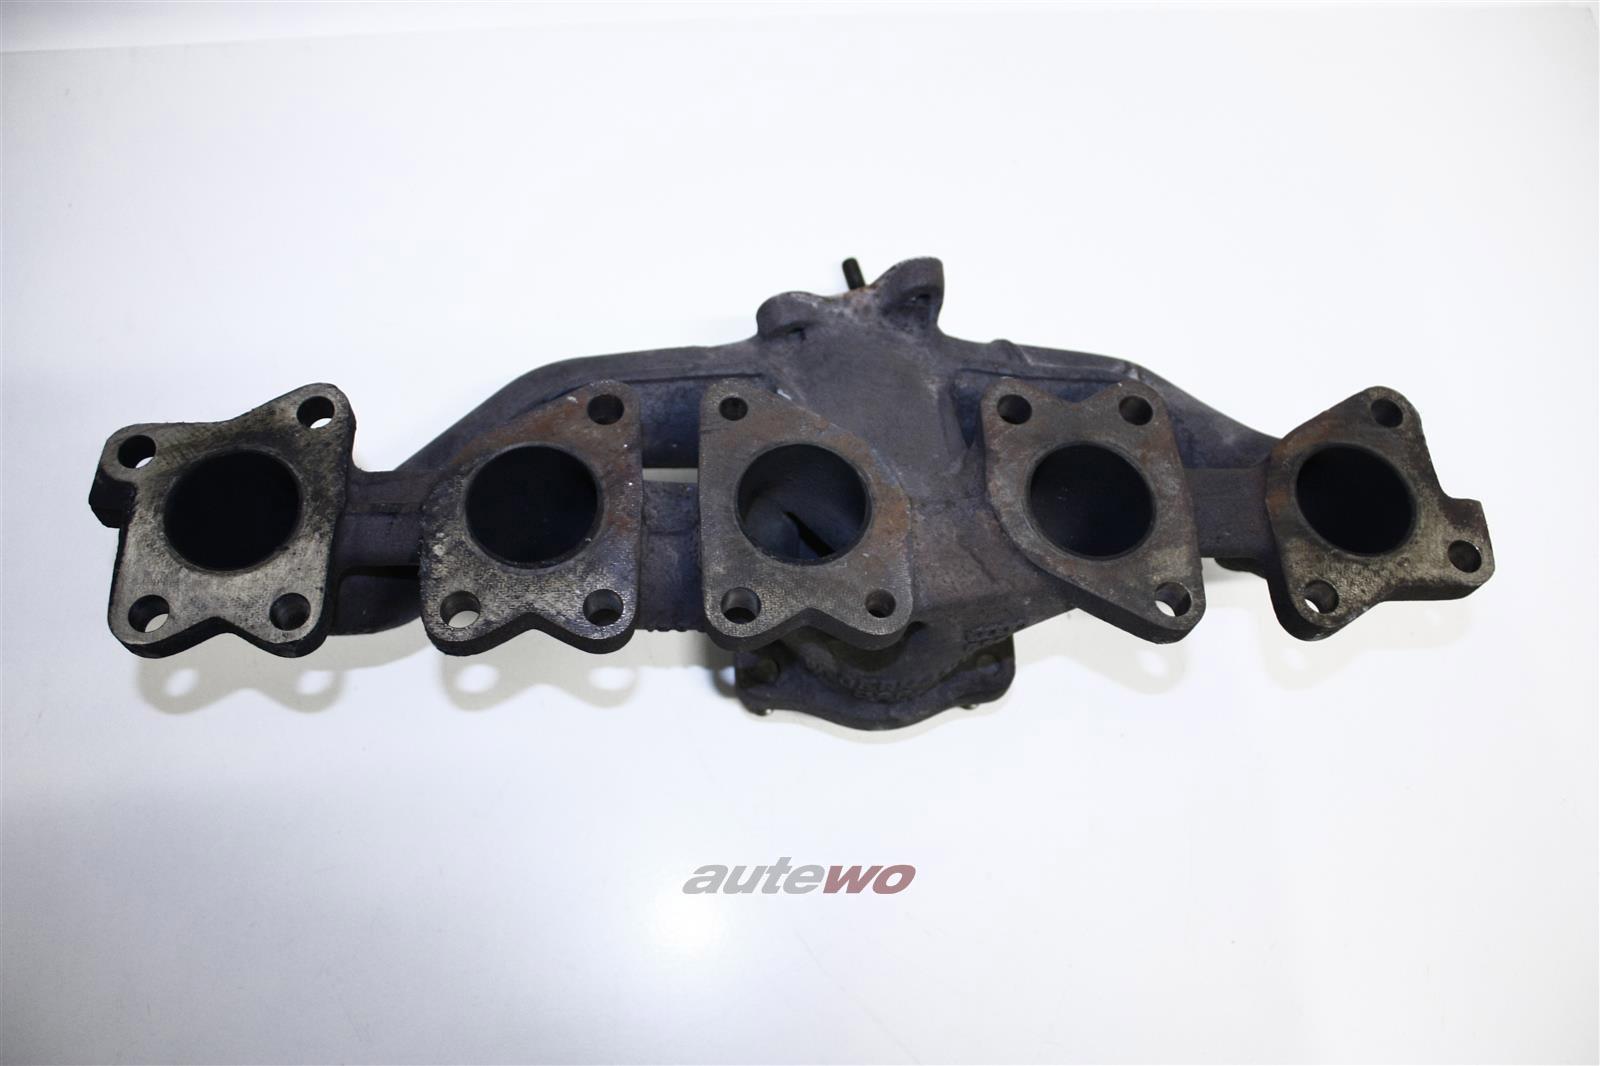 Audi 200 Typ 44/S2/S4/S6 C4 20V Turbo Abgaskrümmer 034129587M